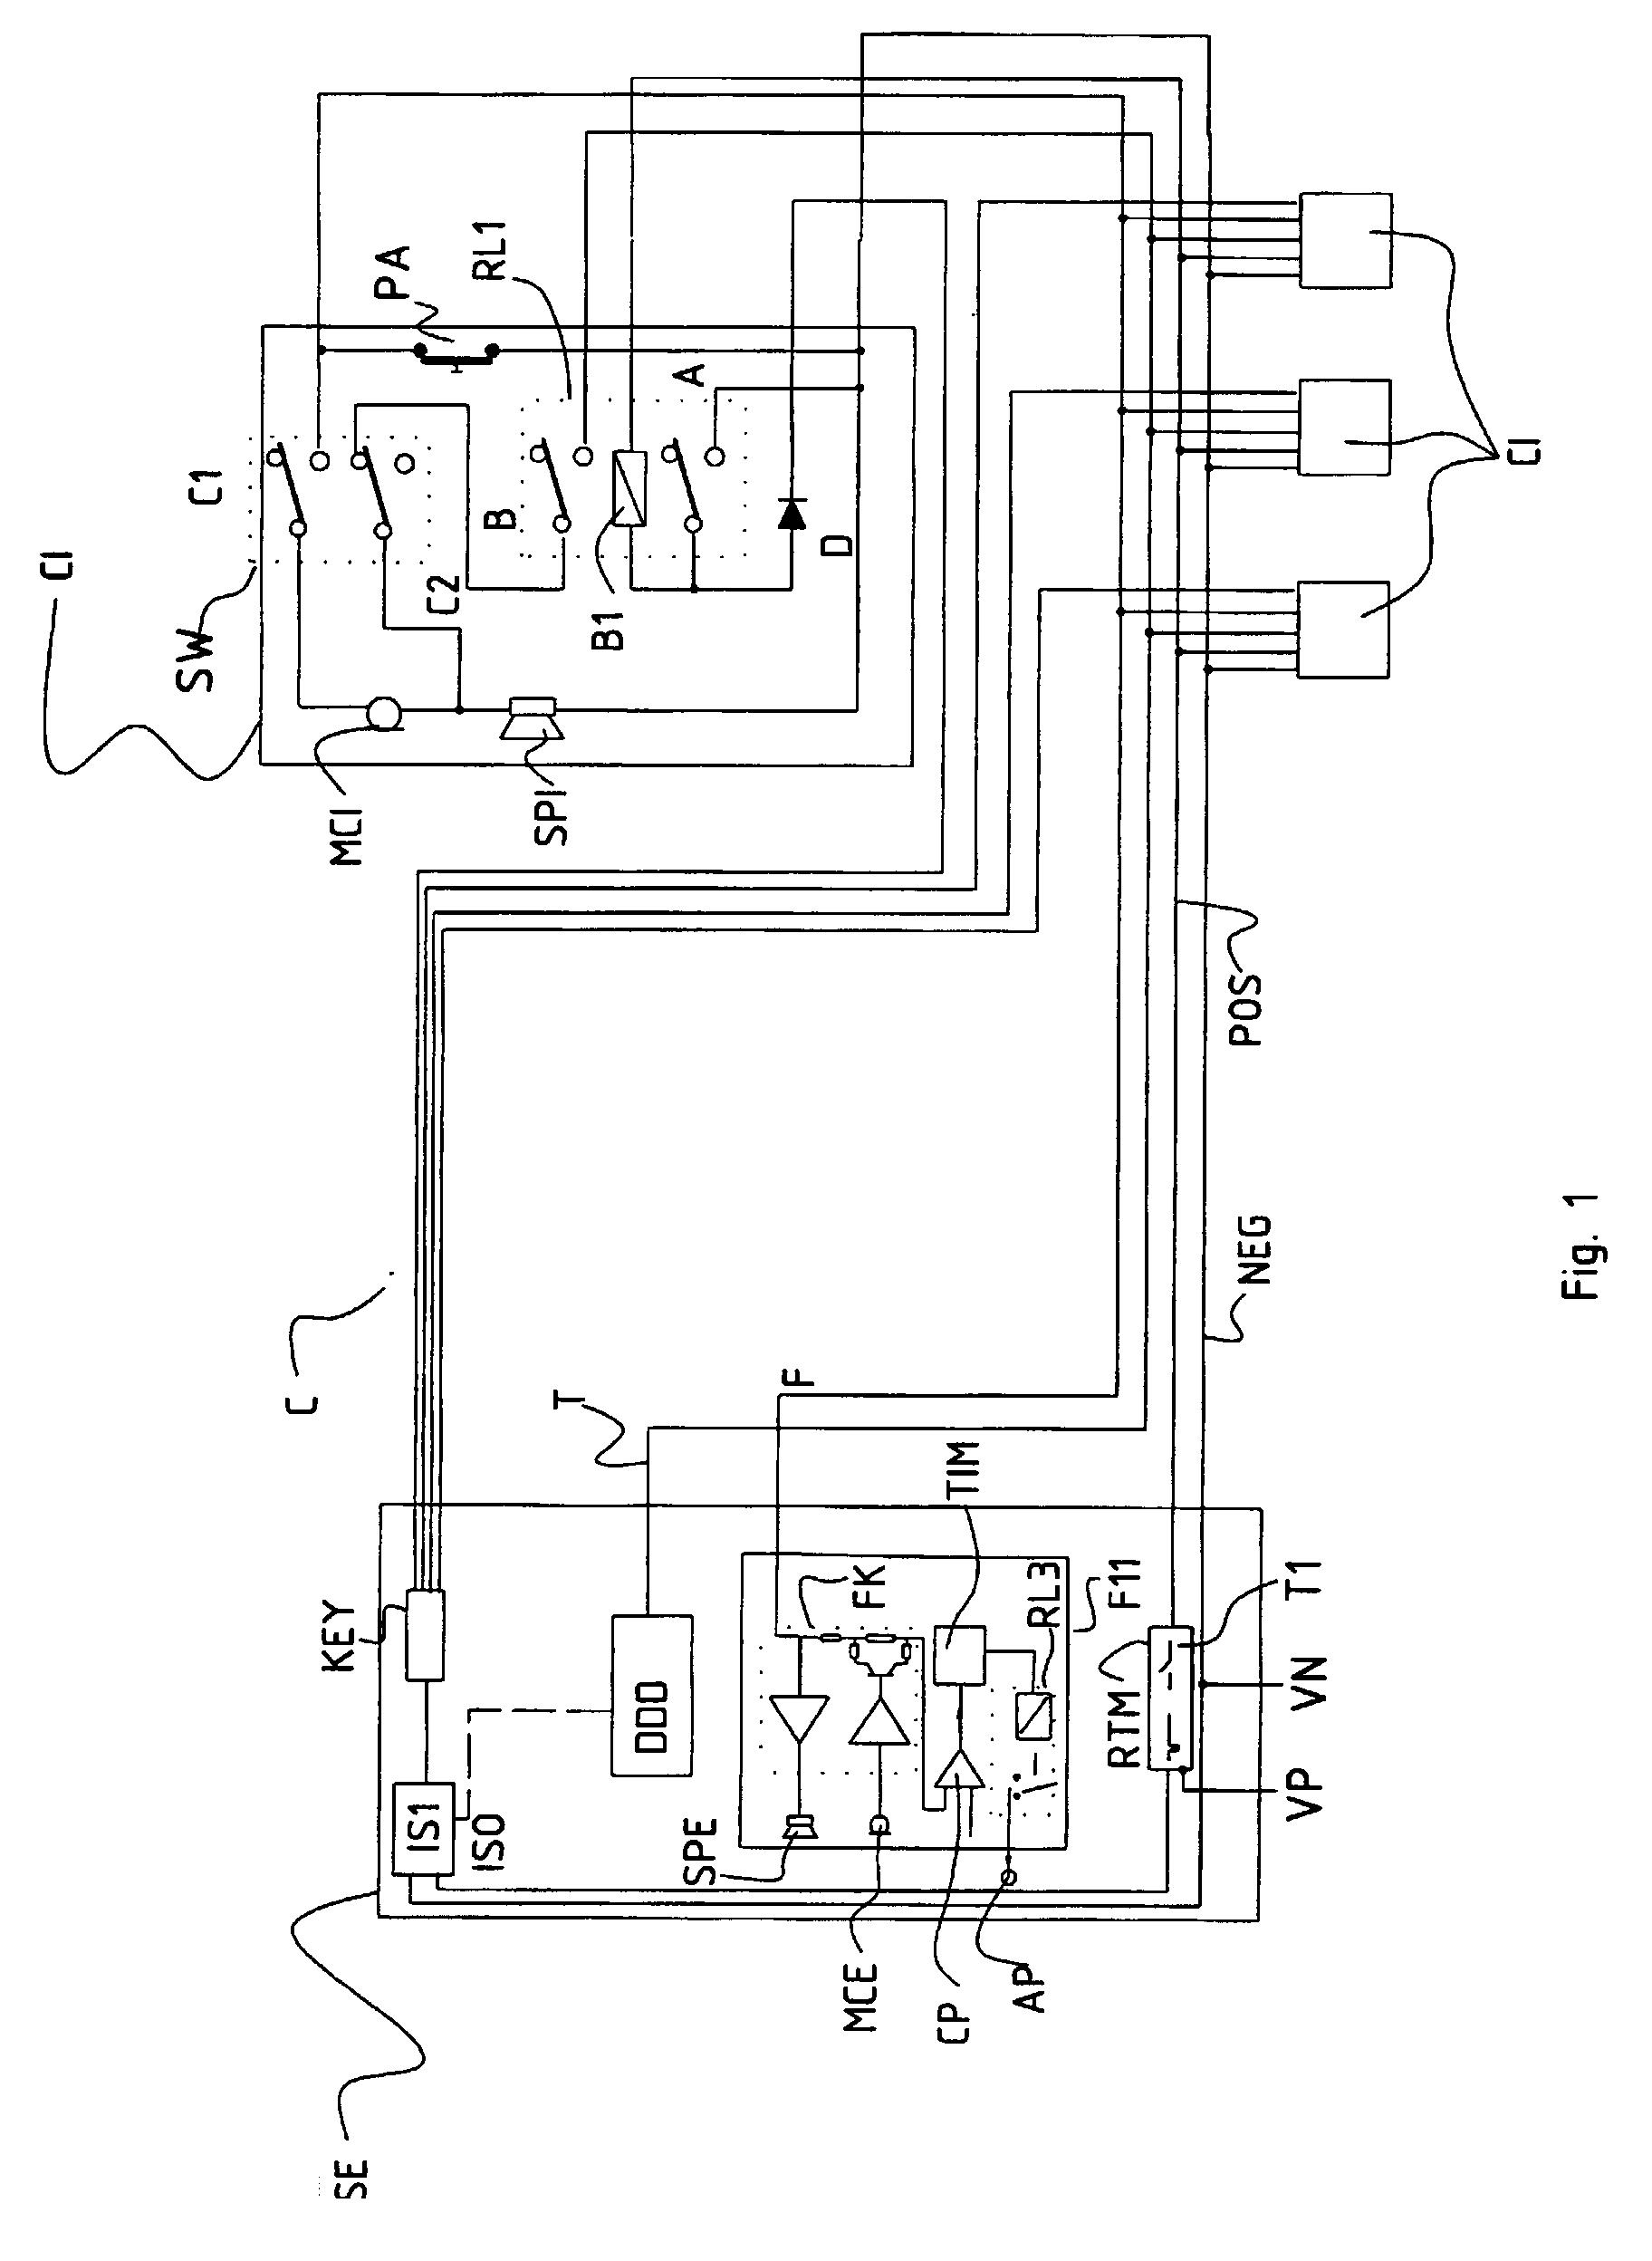 Magnetek 6345 Wiring Diagram | Wiring Diagram on